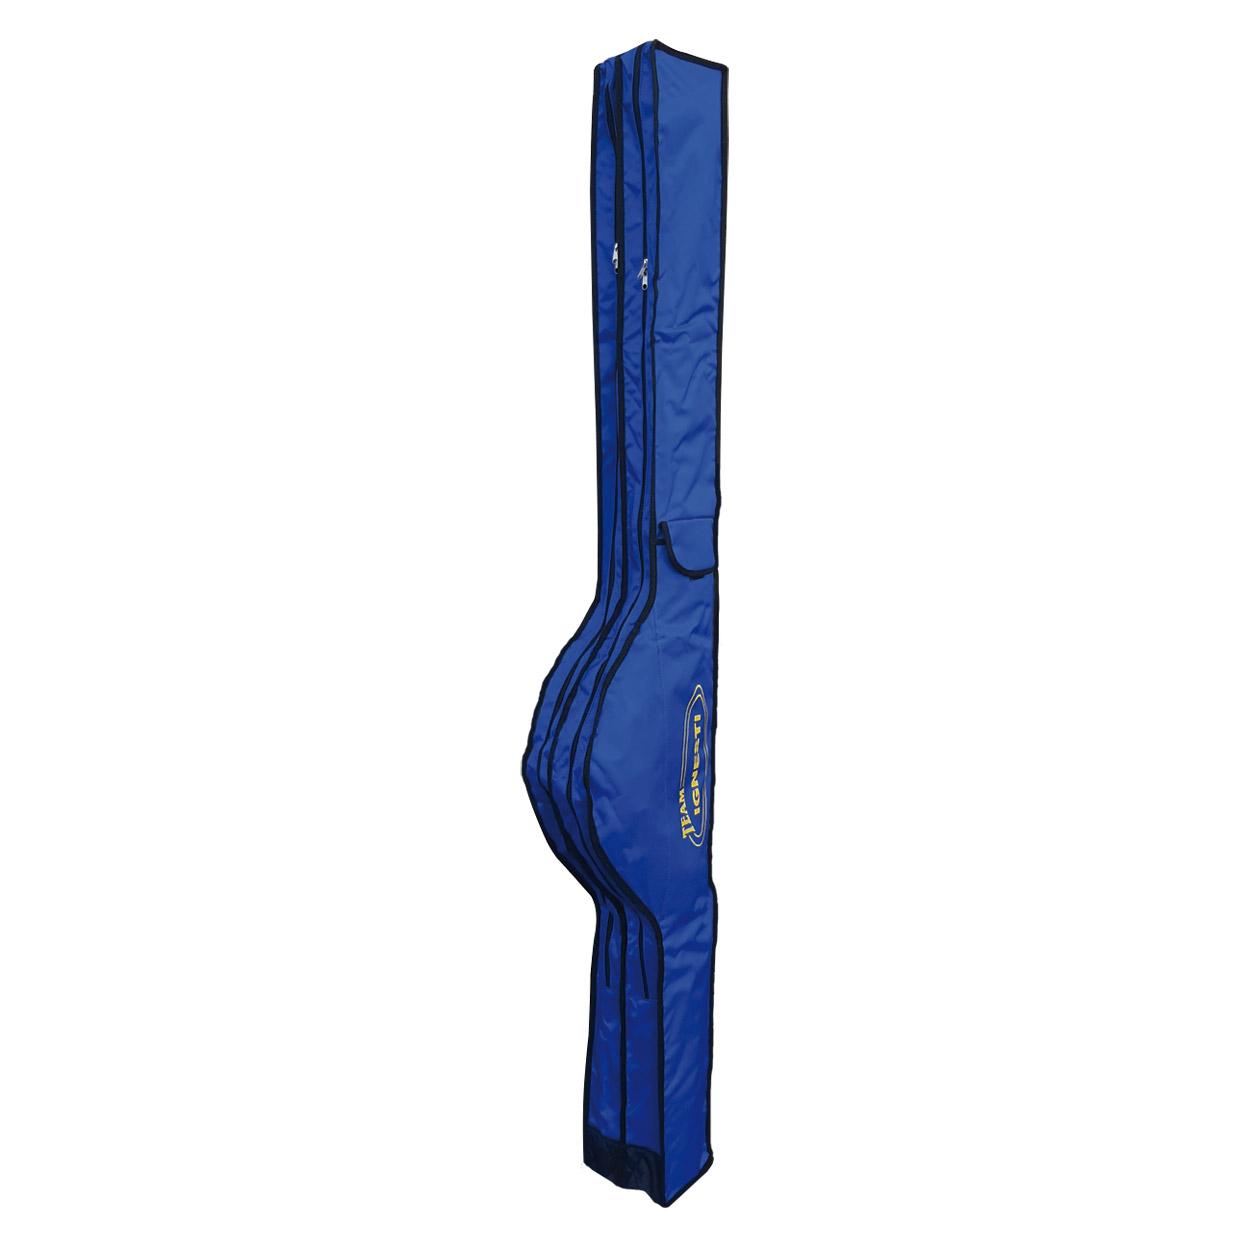 Fodero Porta Canne Surf  2 Scomparti 280 cm